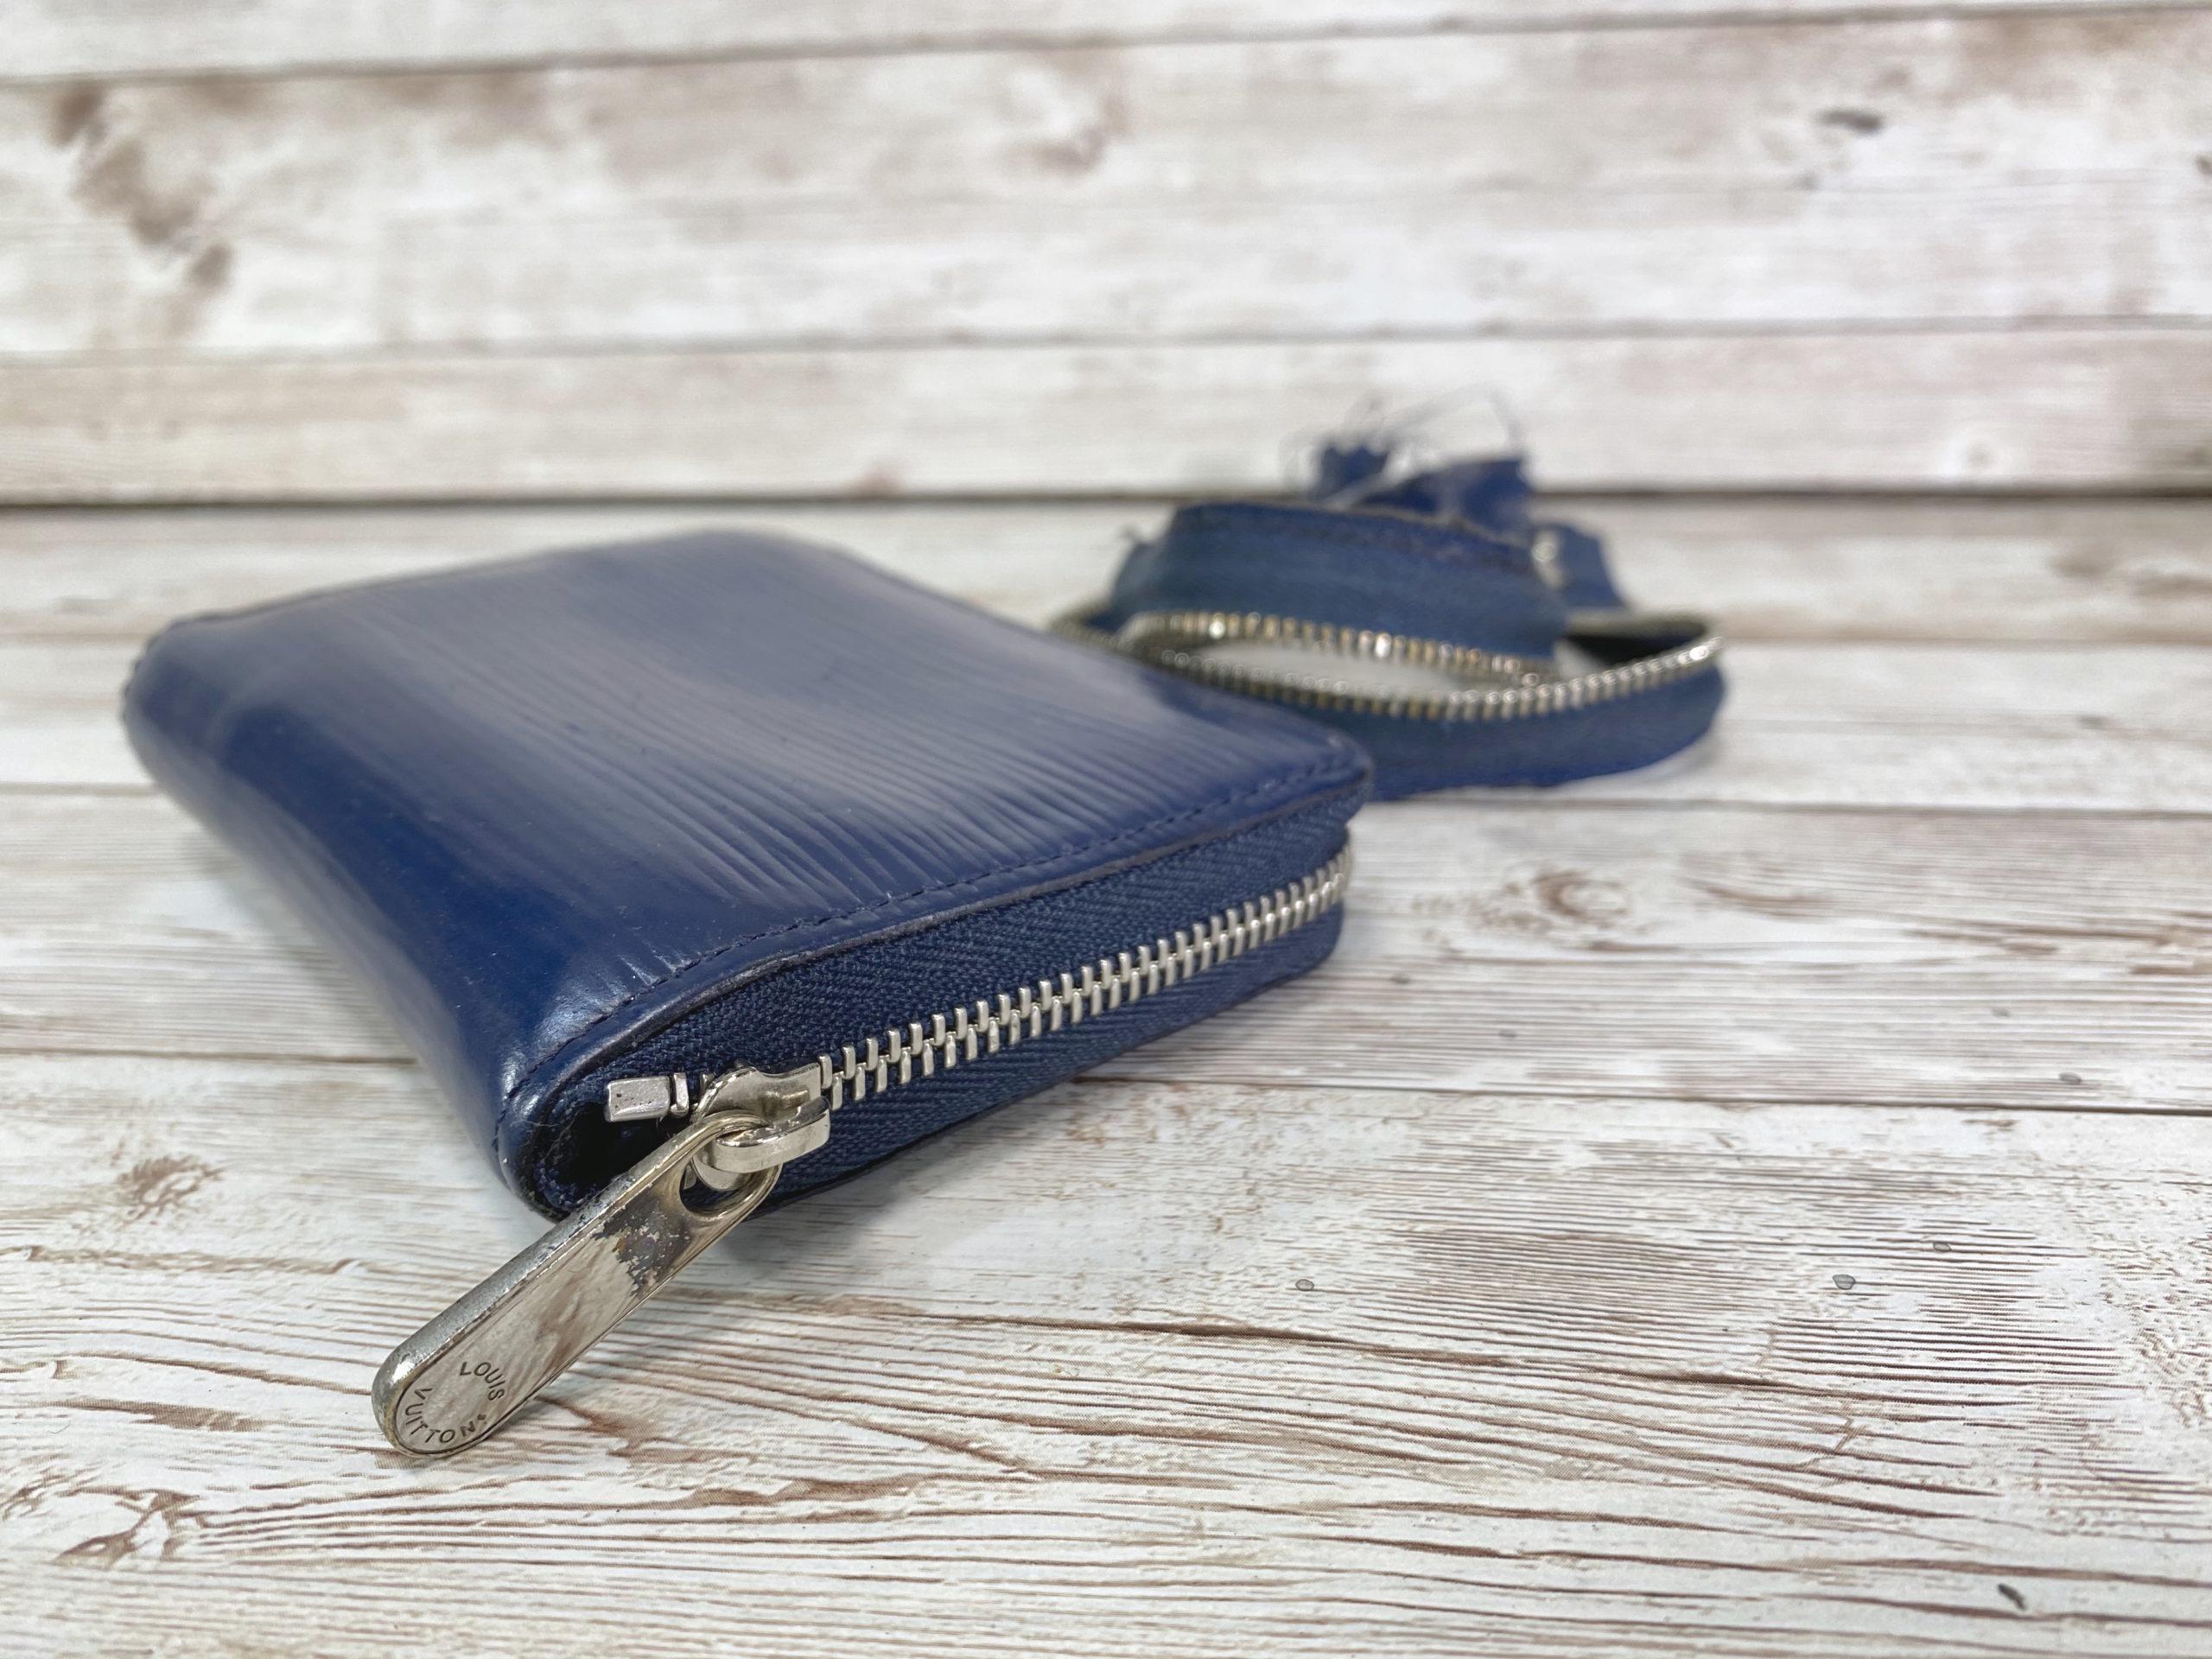 ルイヴィトン(Louis vuitton) エピの財布のファスナー交換をご紹介